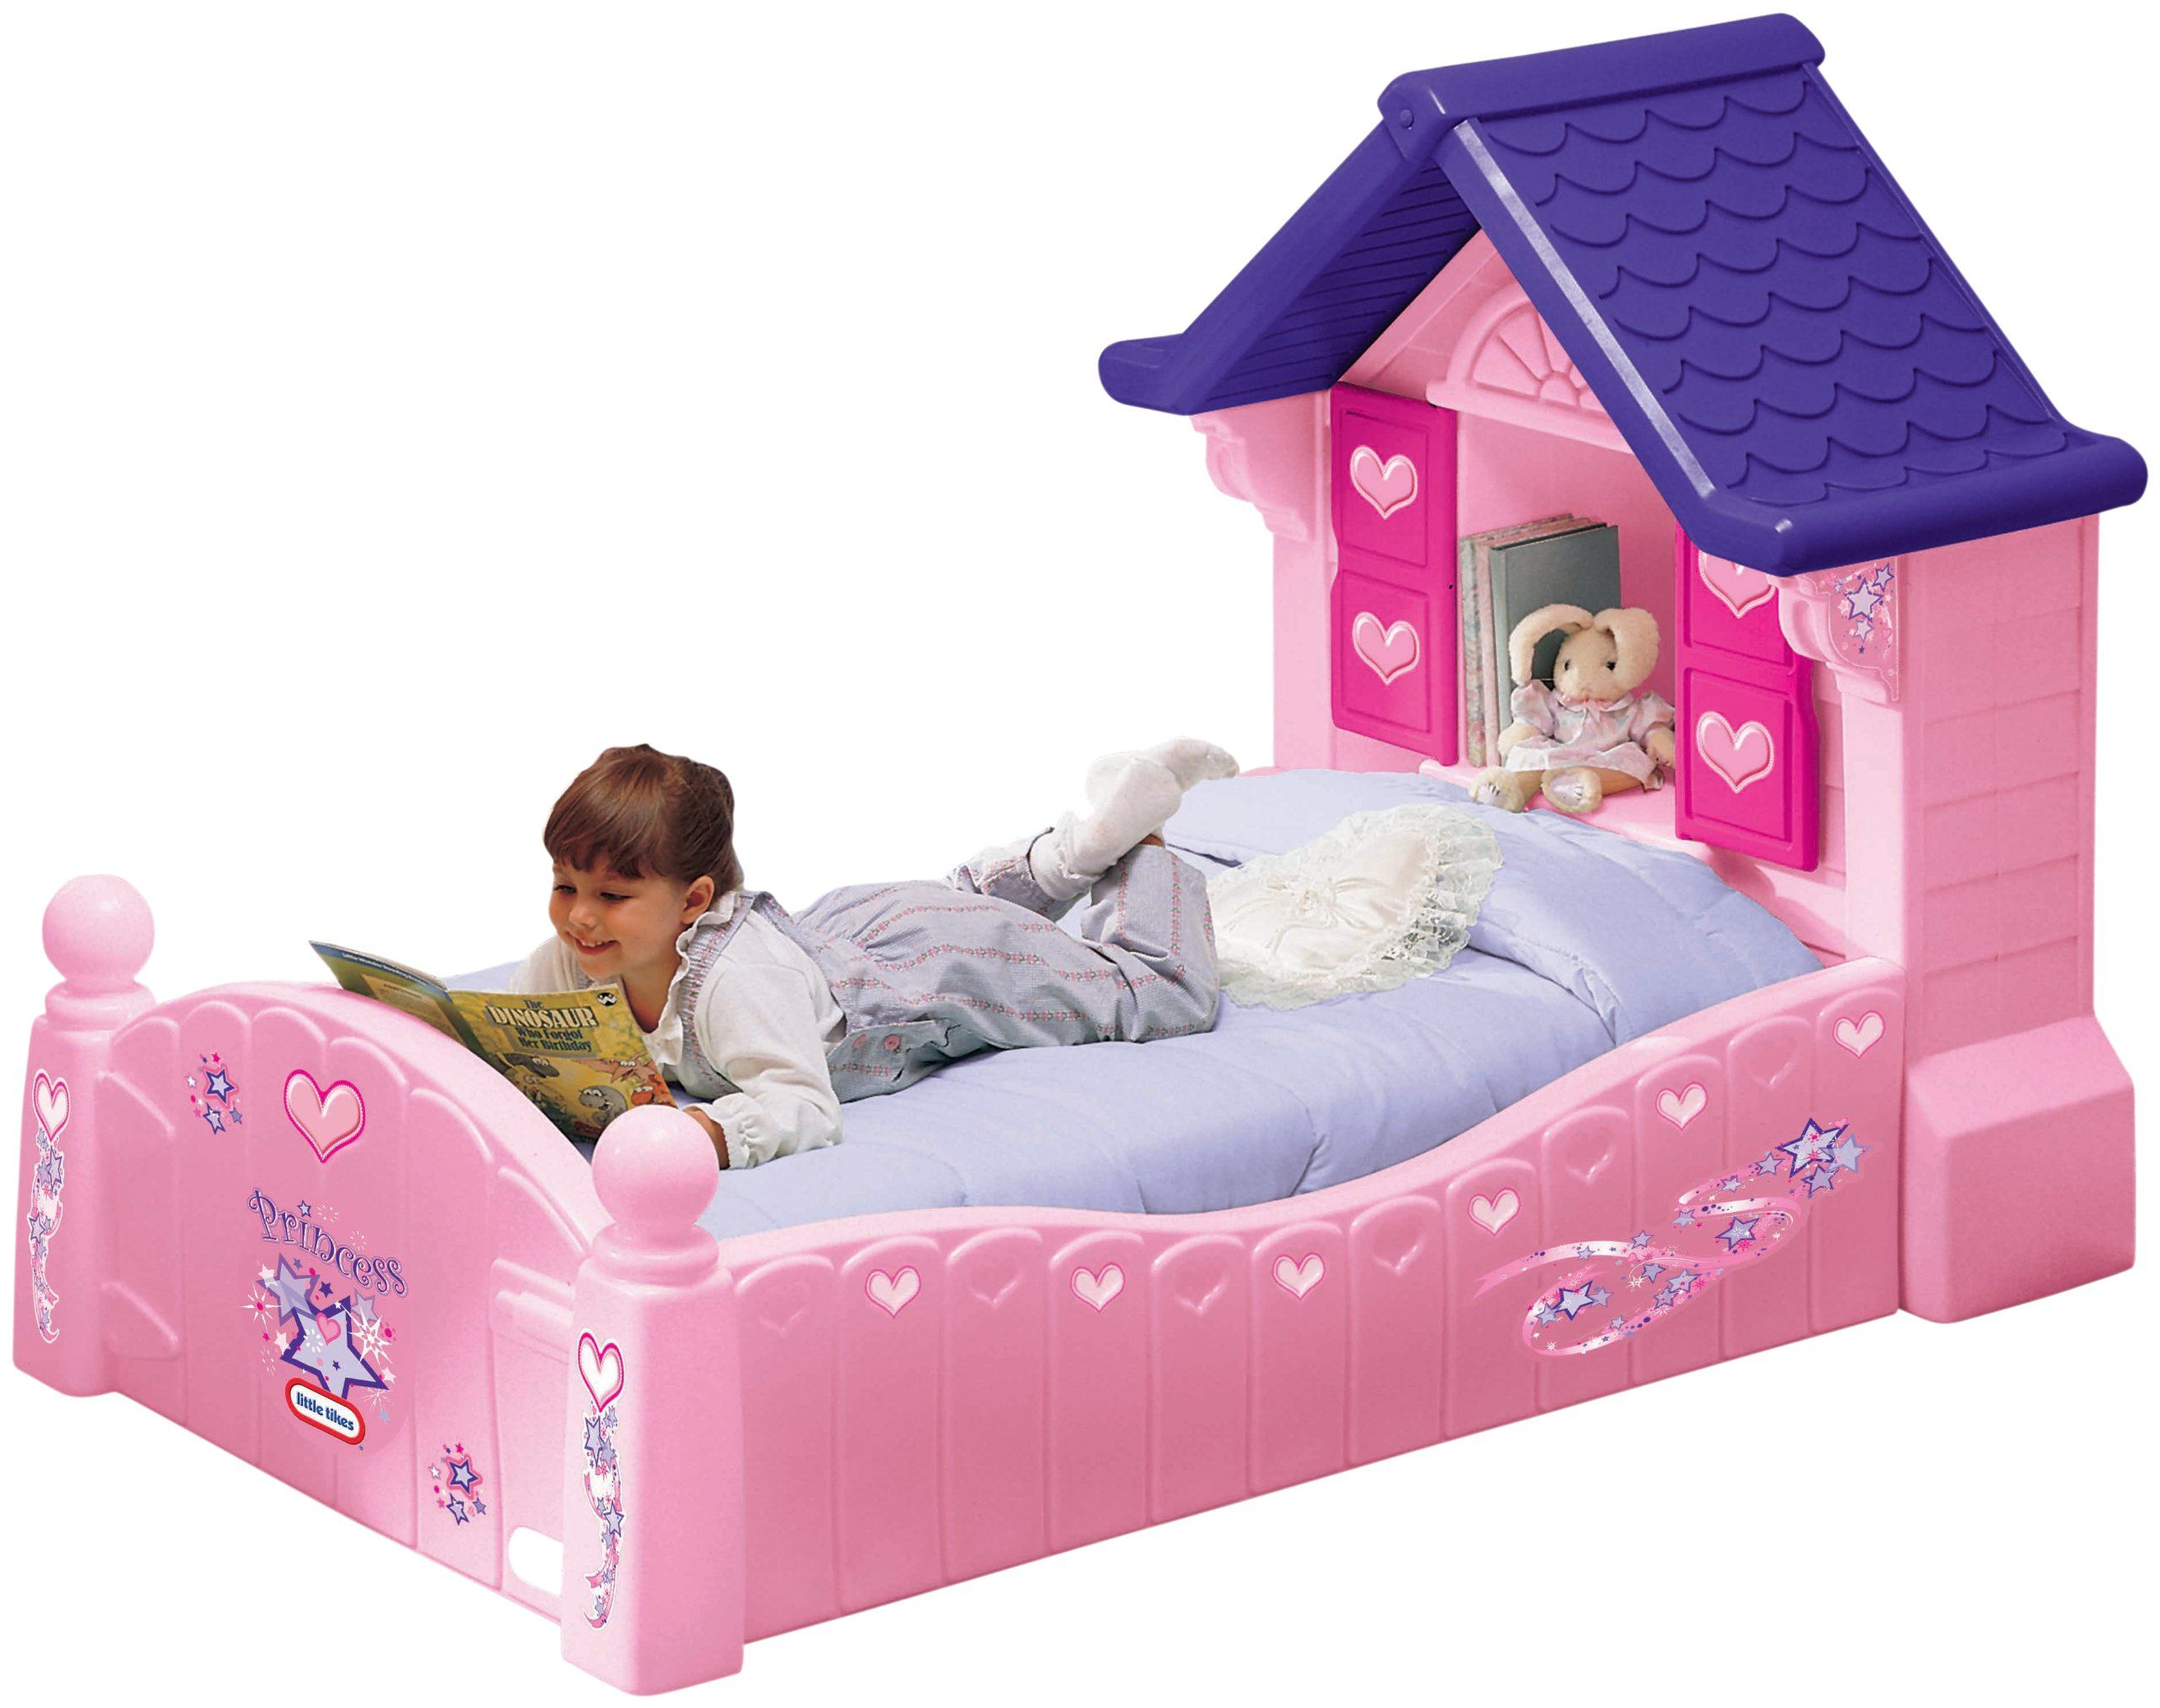 Trapunte letto singolo per bambini : trapunta letto singolo per ...